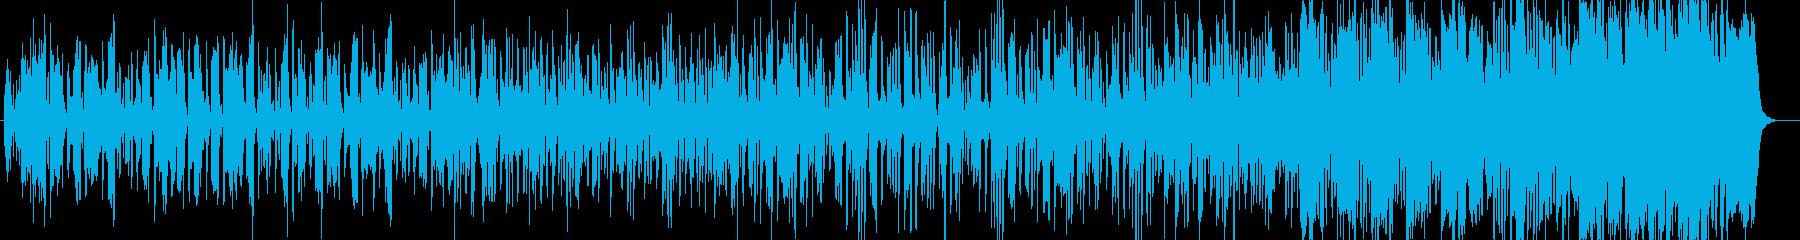 不思議の国バイオリンクラッシックサウンドの再生済みの波形